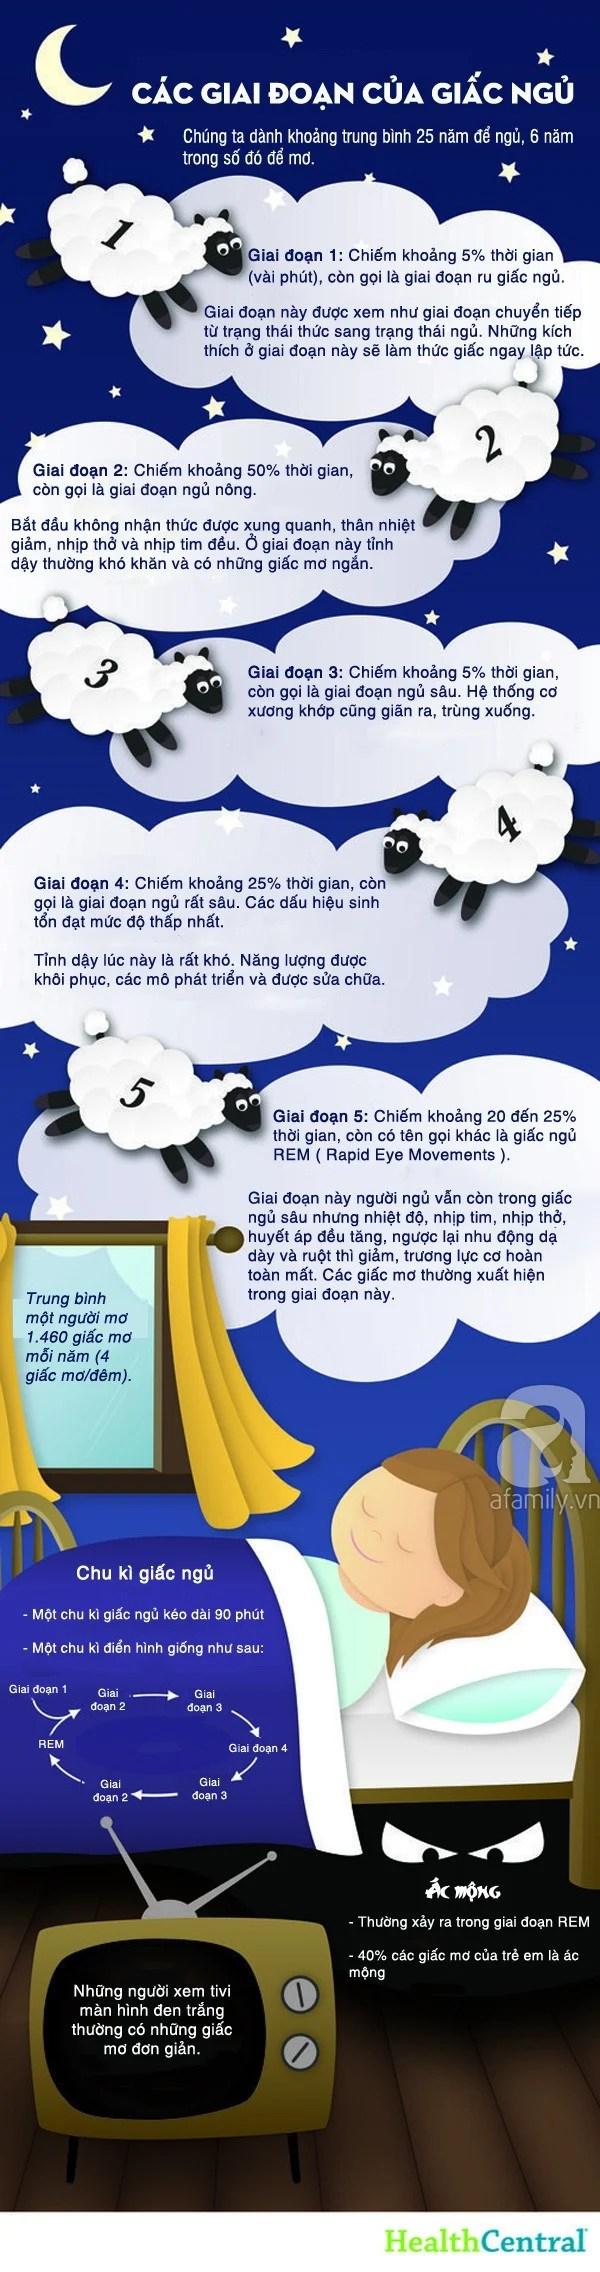 điều thú vị về giấc ngủ 1